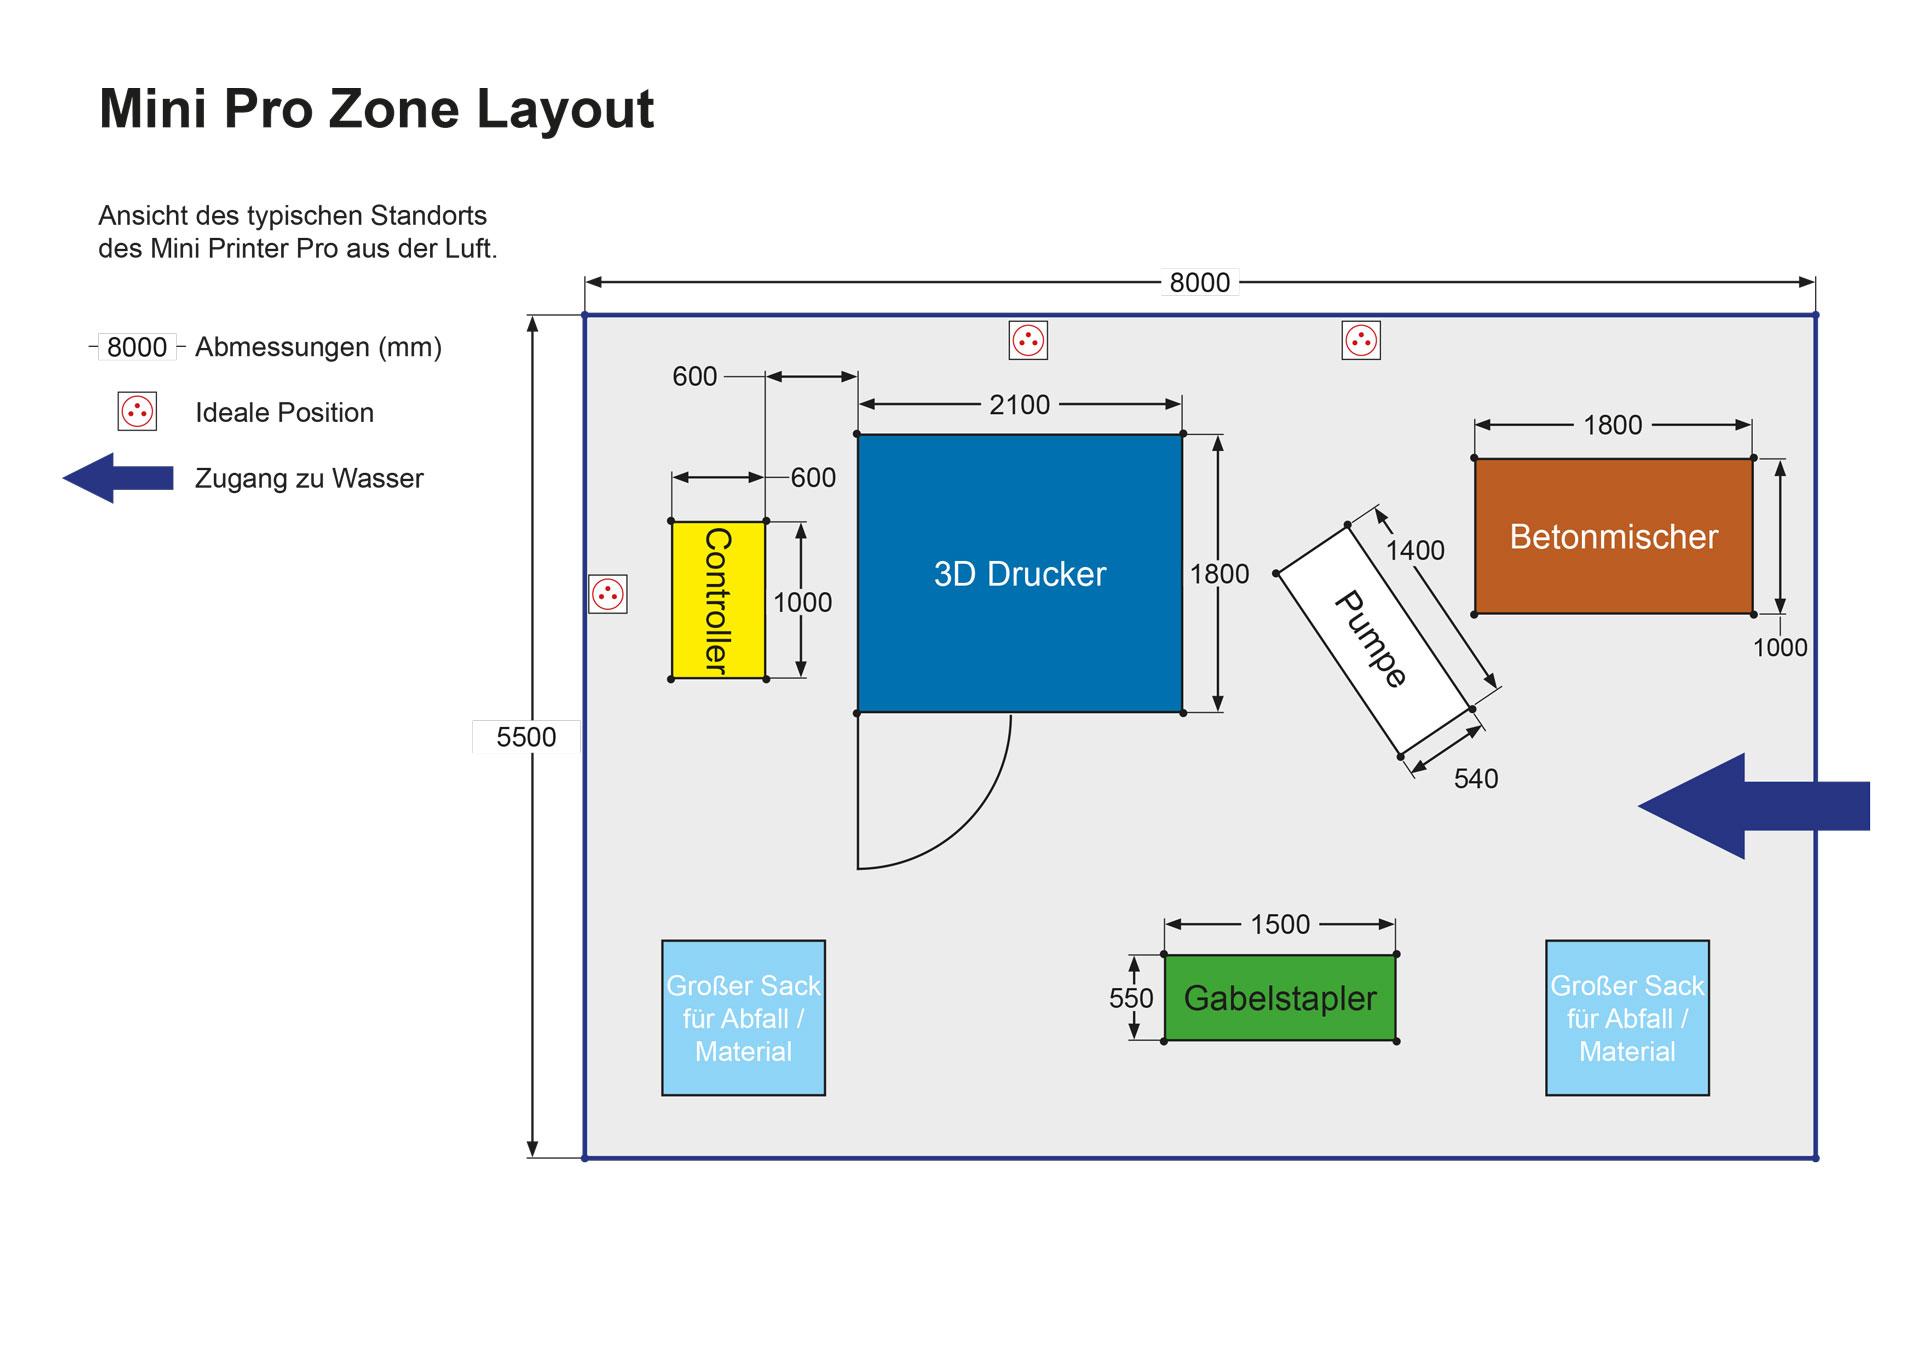 Implantation-Zone-Mini-Pro-DE